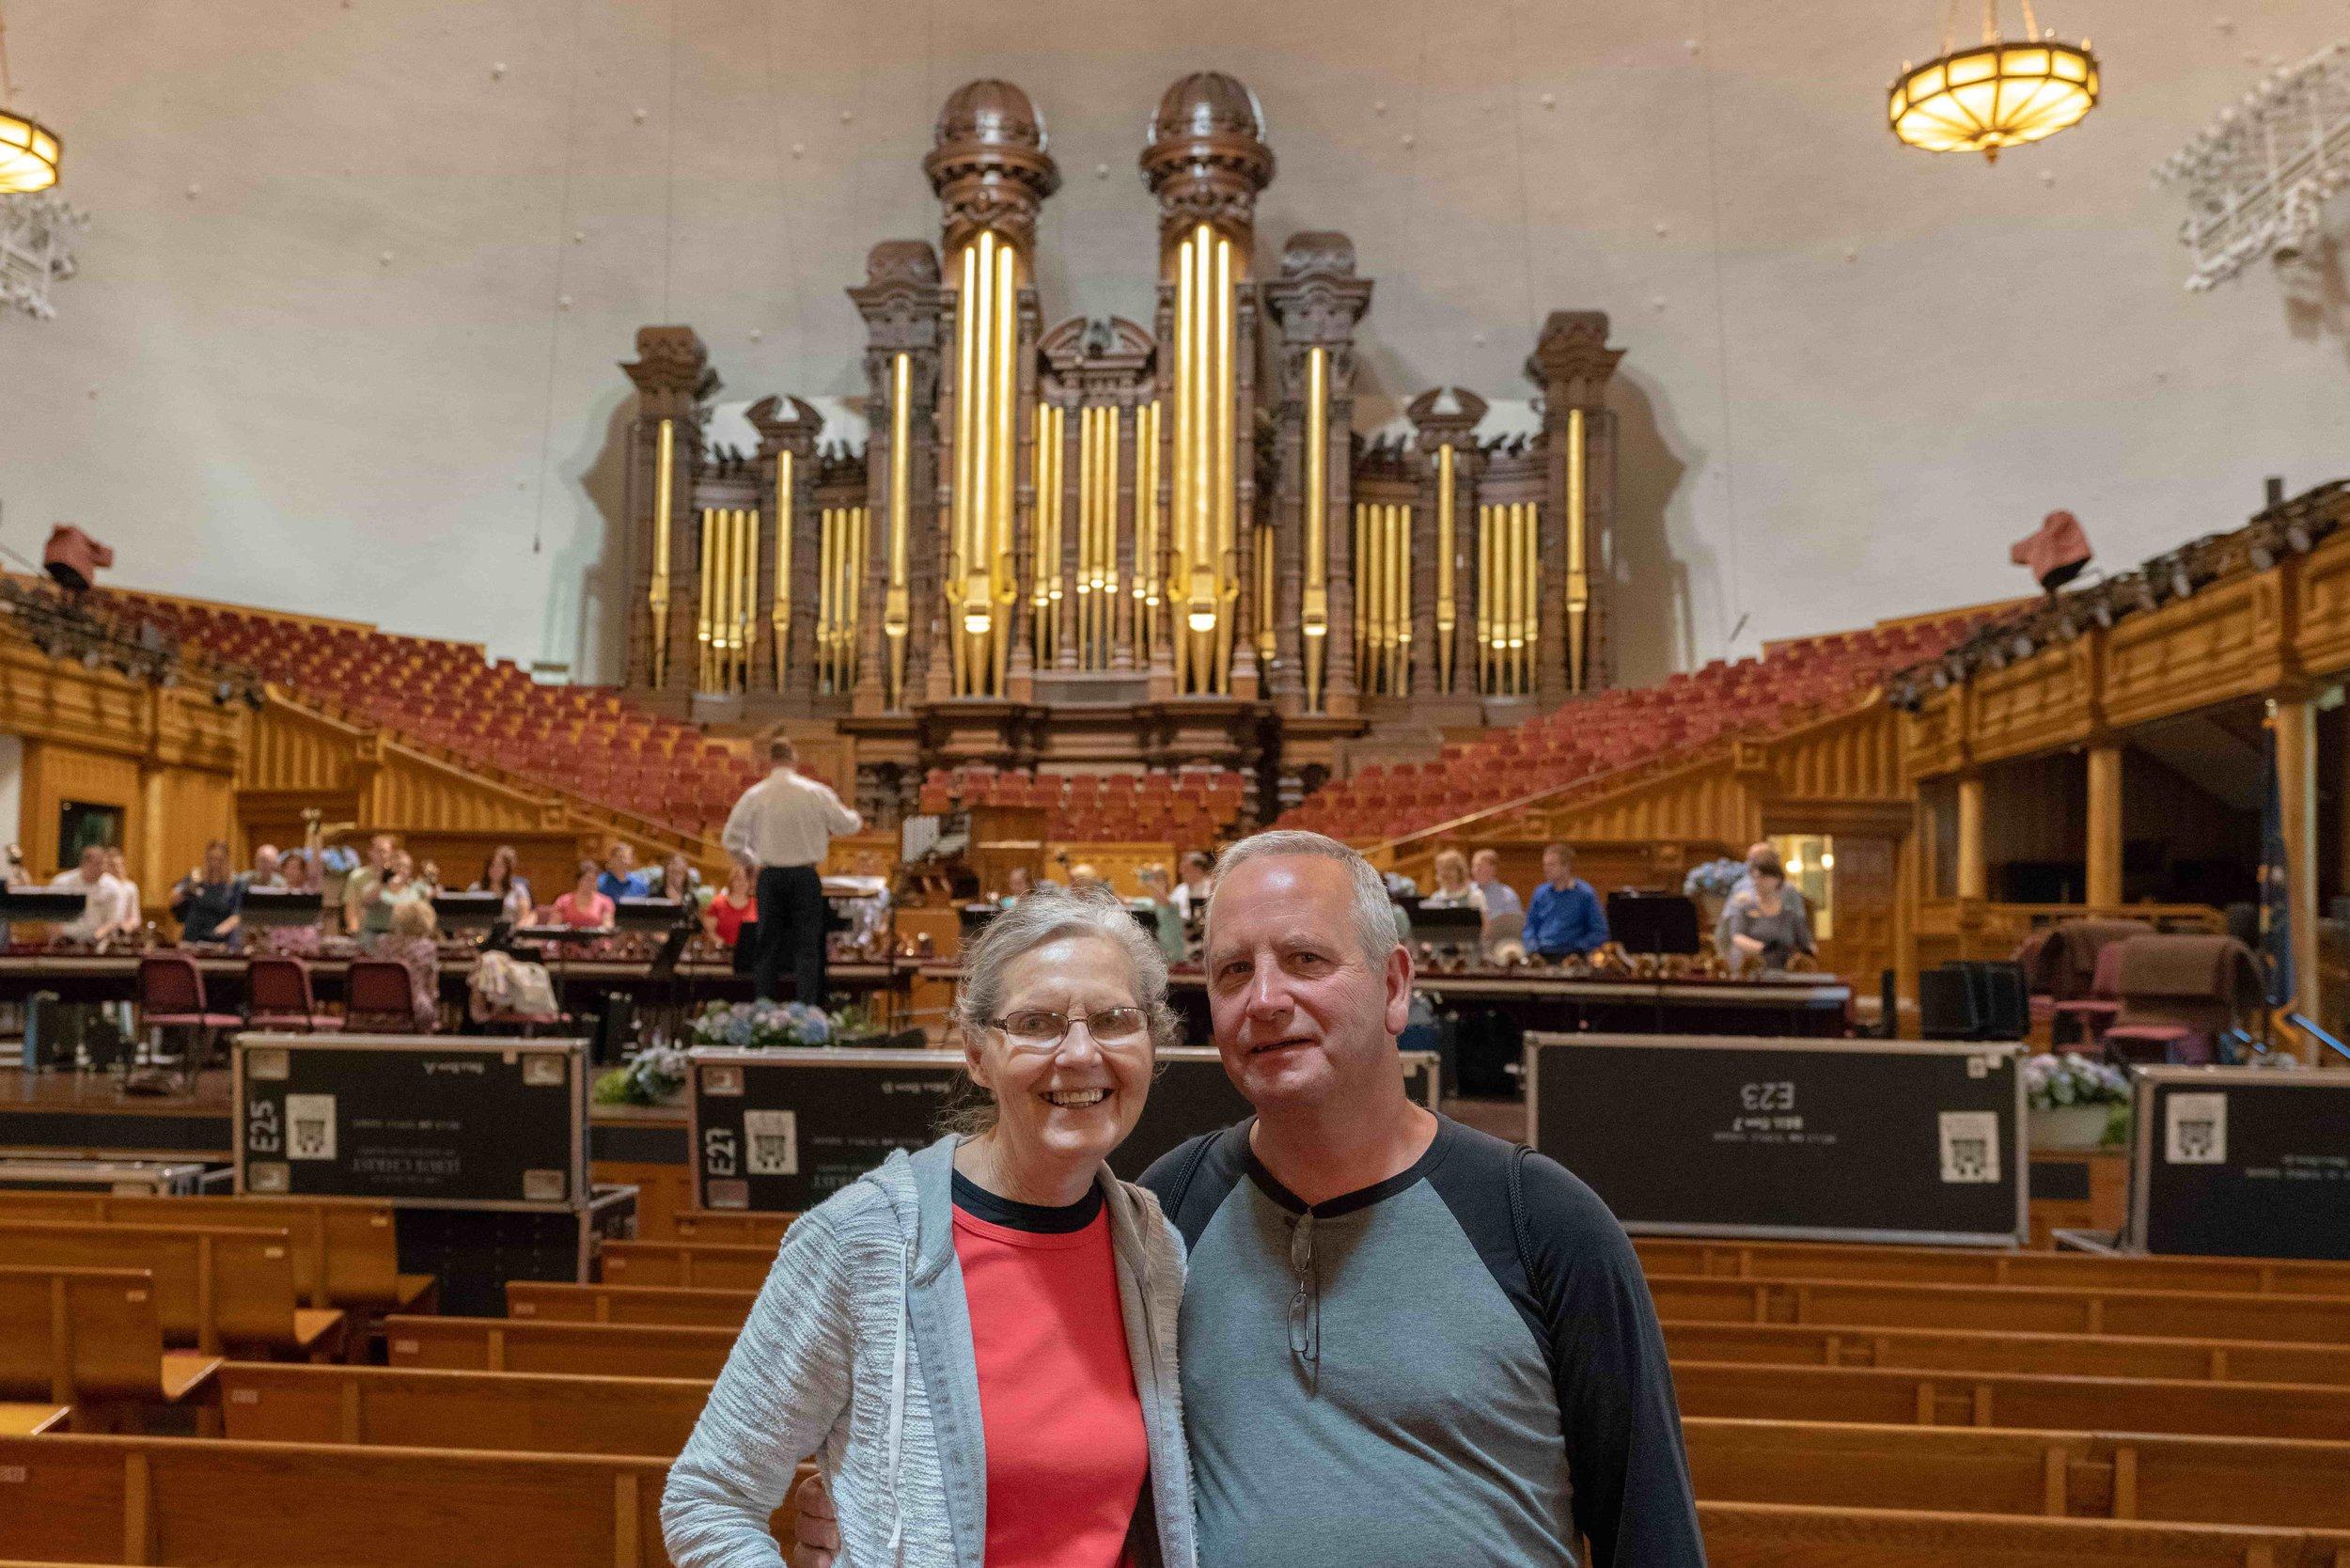 Tabernacle organ portrait on Salt Lake City Tour-min.jpg